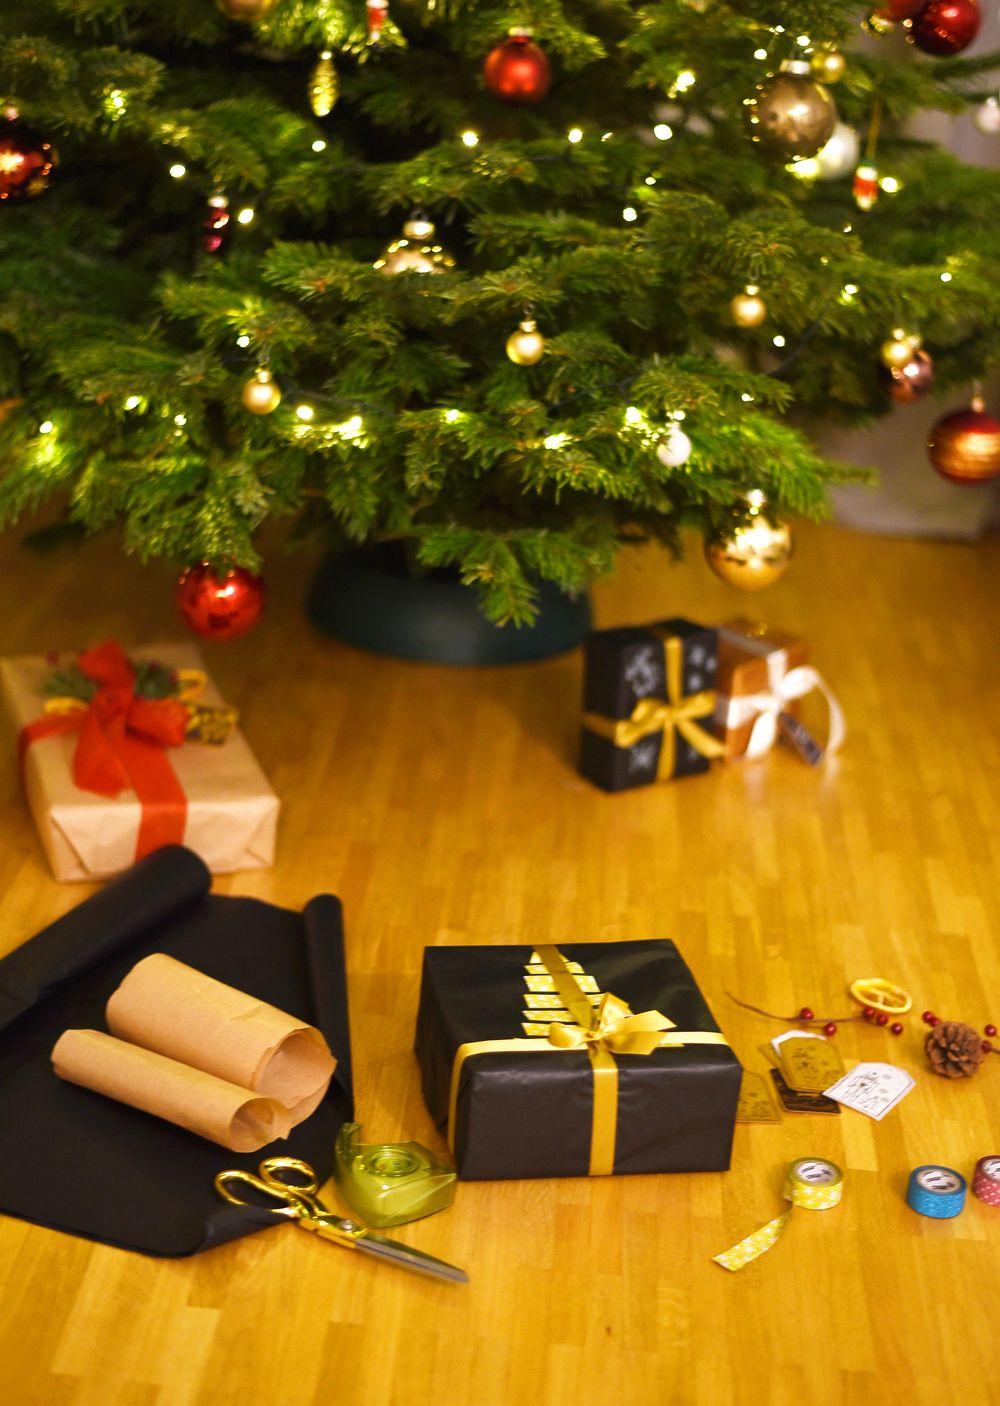 Kreatywne pakowanie prezentów pod choinkę